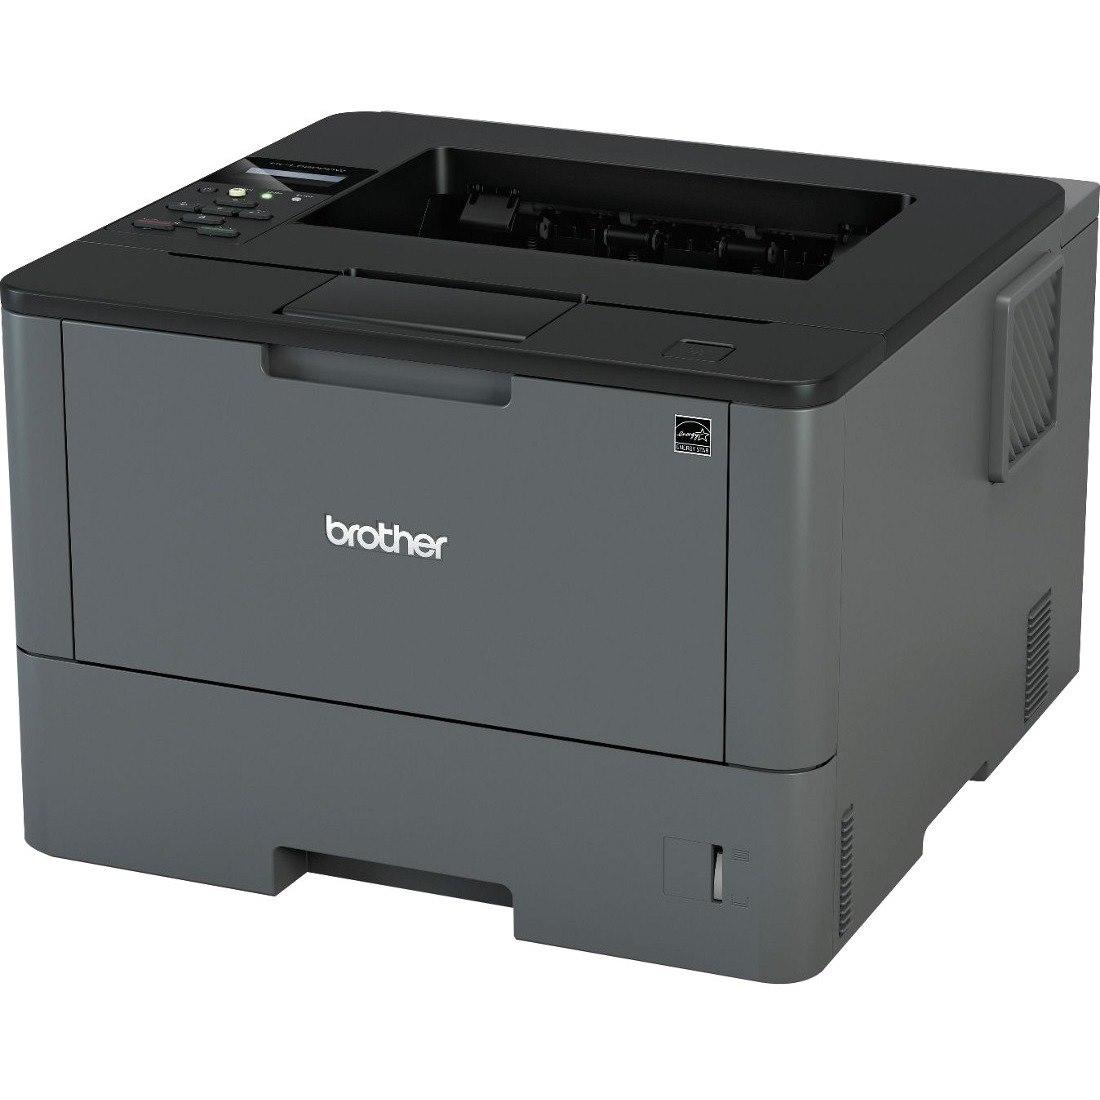 Brother HL HL-L5200DW Laser Printer - Monochrome